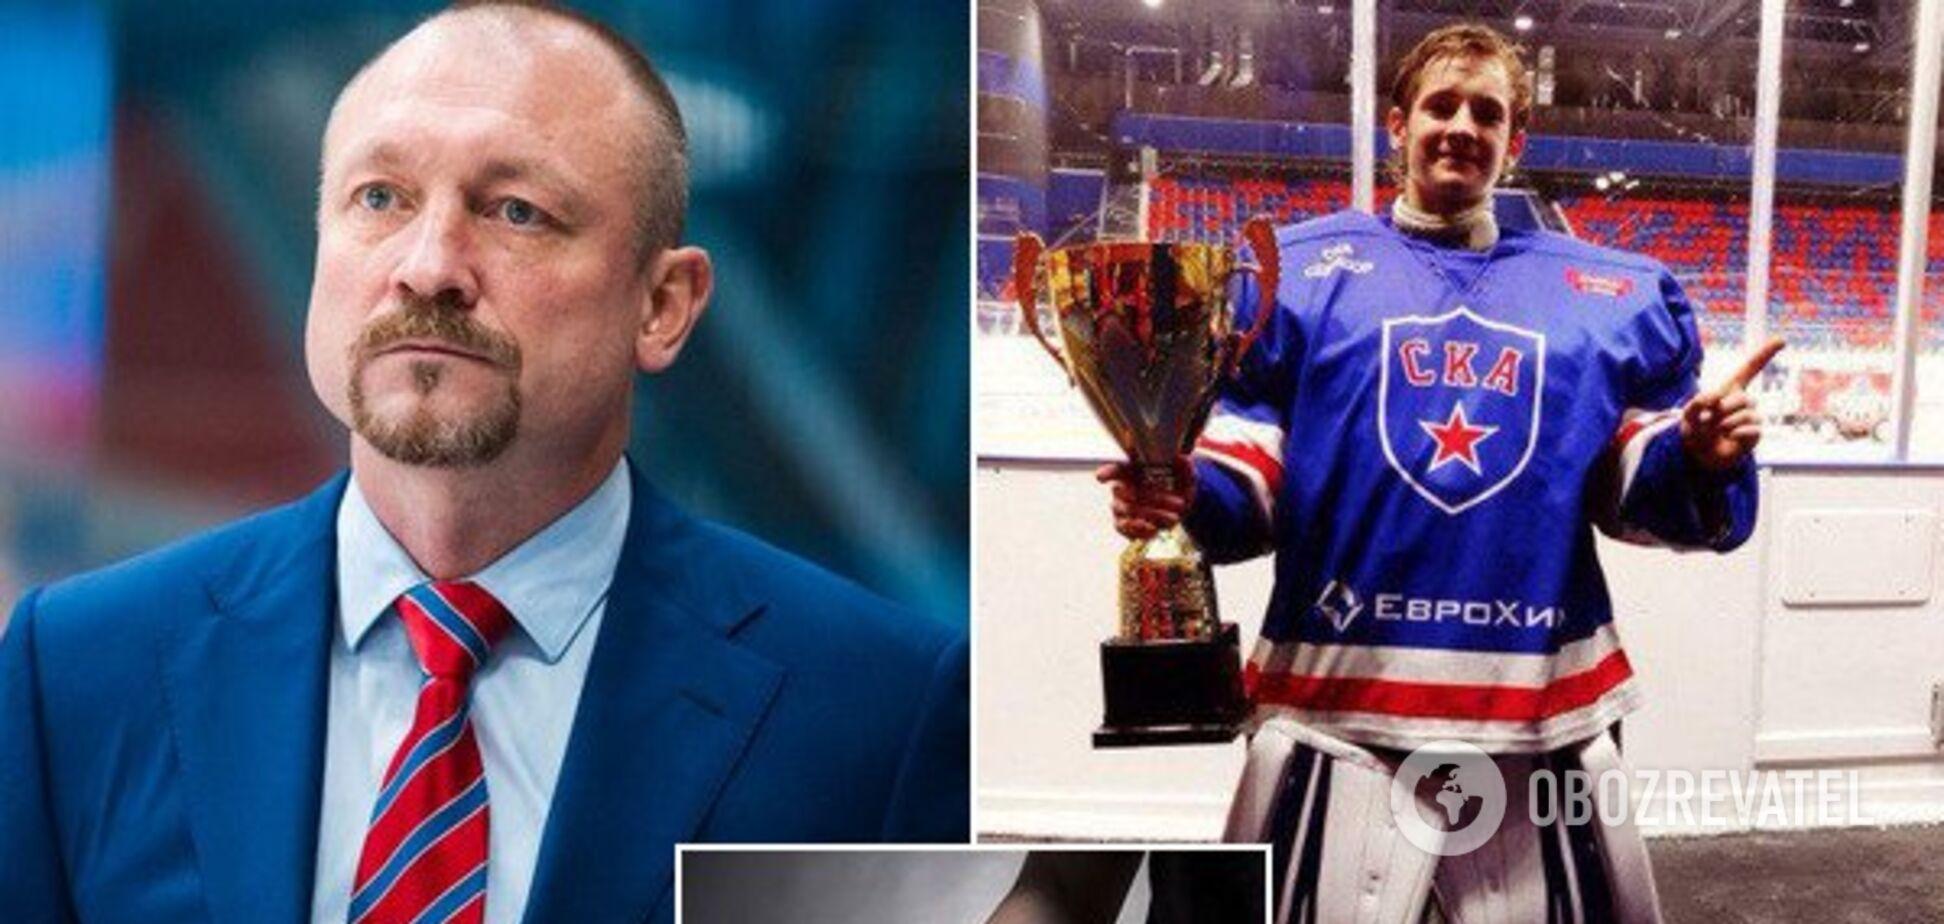 Вбивство дружини легенди російського хокею: у справі виник несподіваний поворот